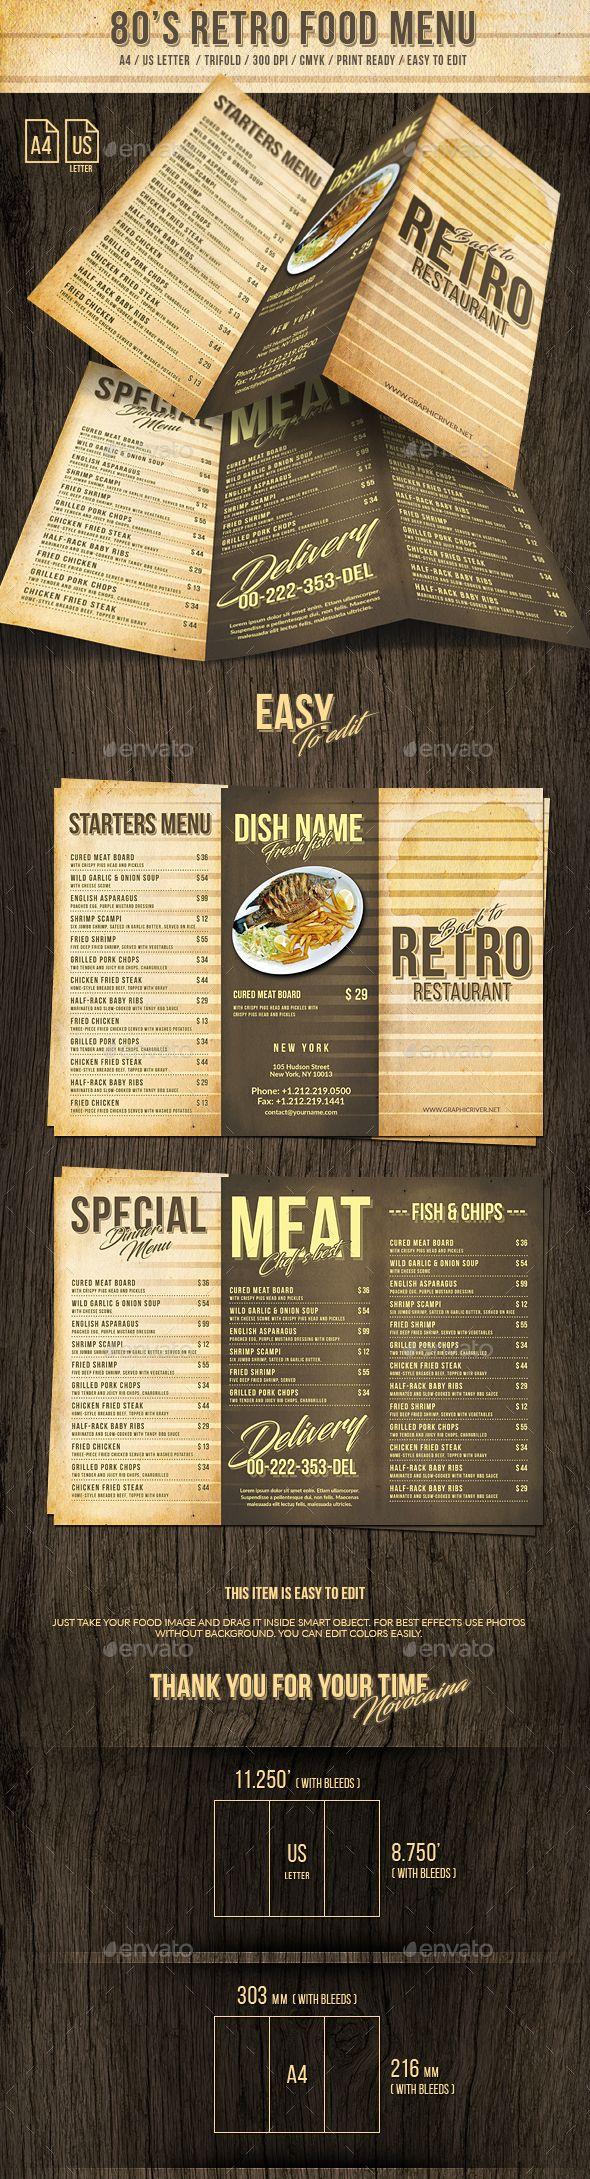 Retro Diner Menu Diner Aesthetic Diner Menu Diner Decor